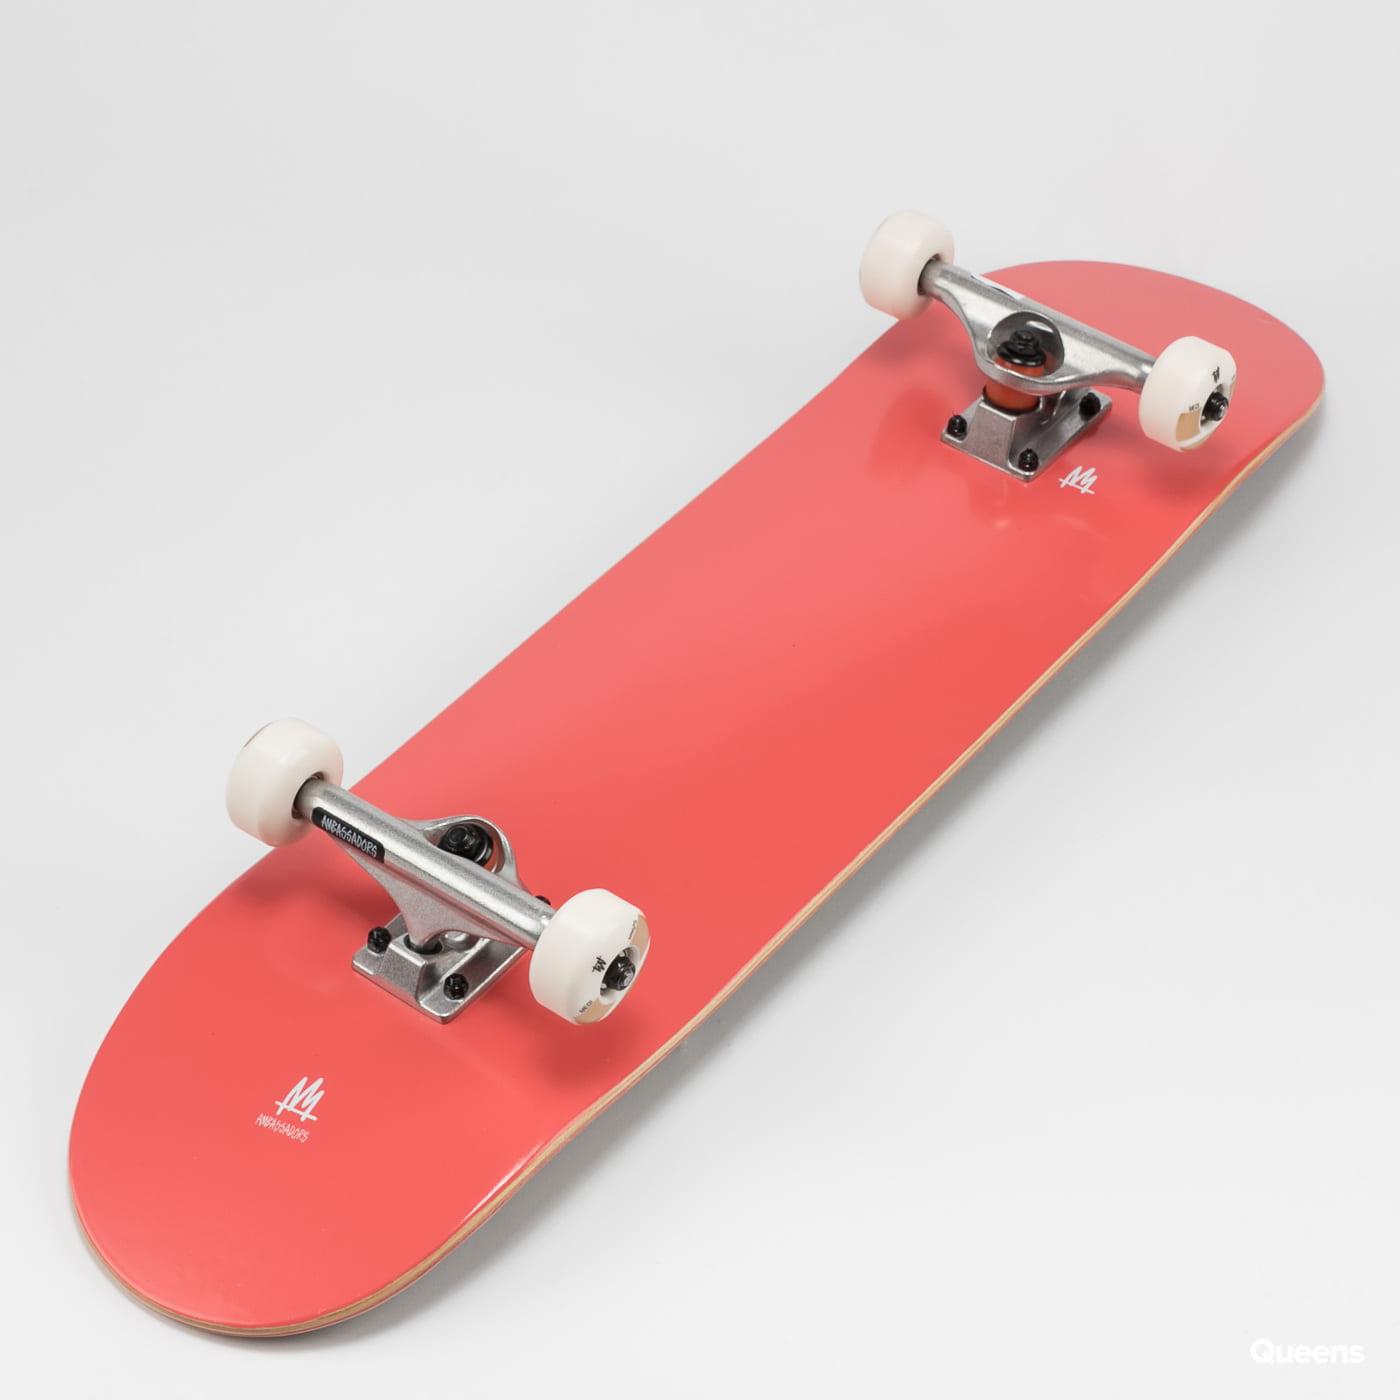 Ambassadors Komplet Skateboard Basic červený